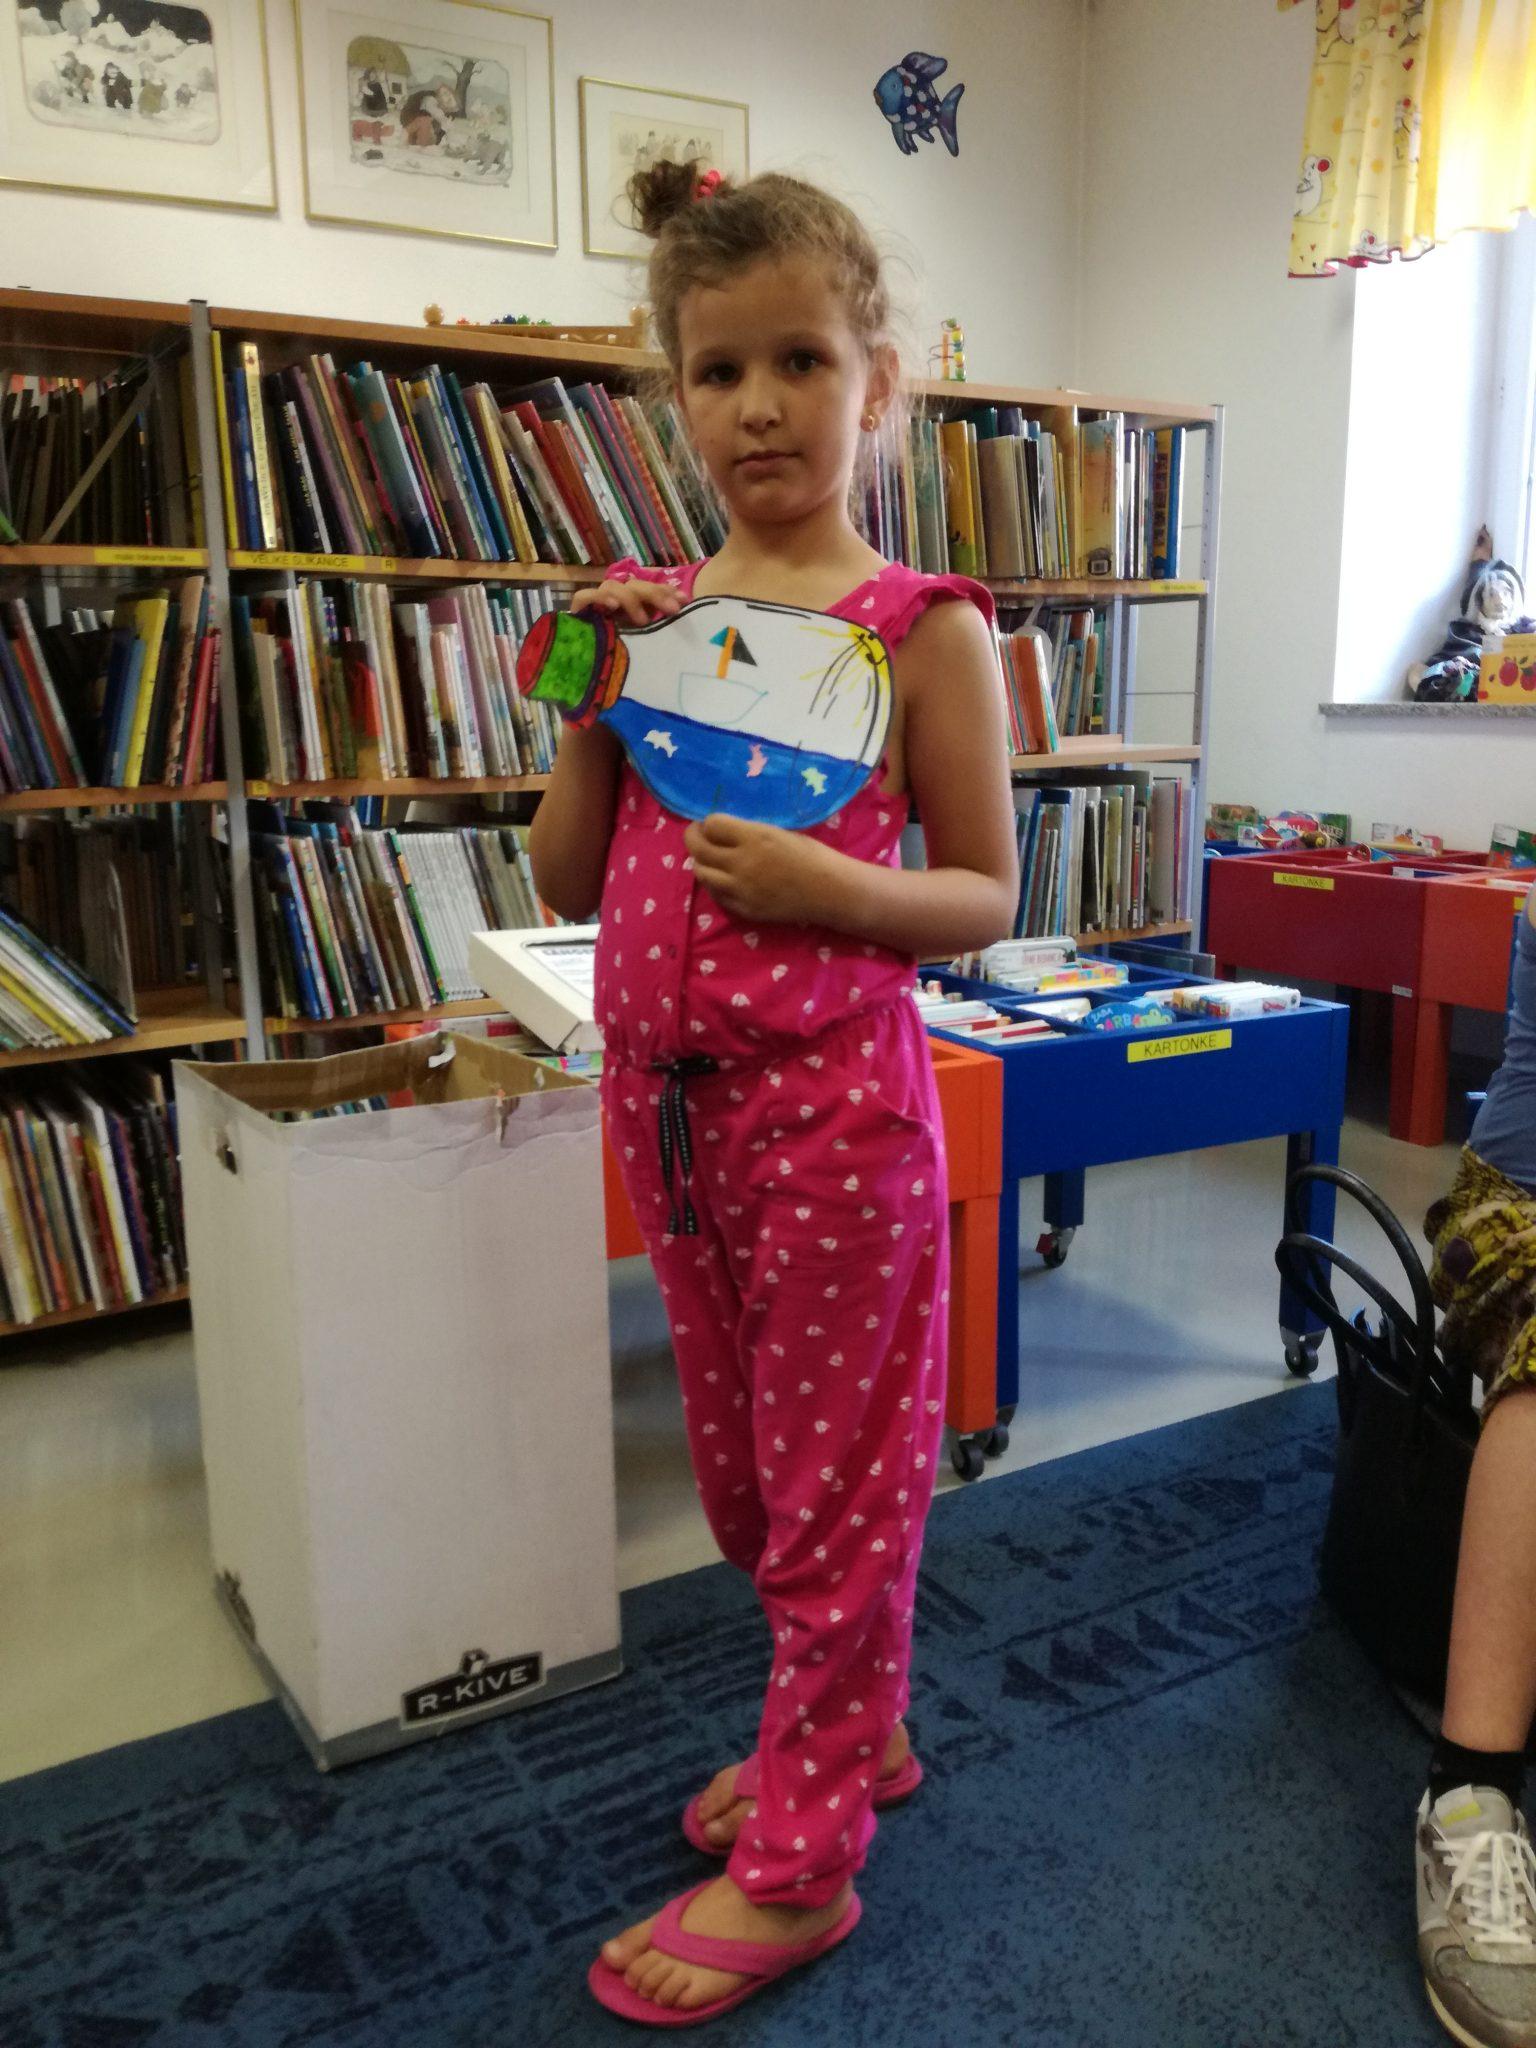 IMG 20180612 180251 - Ena modra pravljična urica z ustvarjalno delavnico za otroke od 4. leta dalje